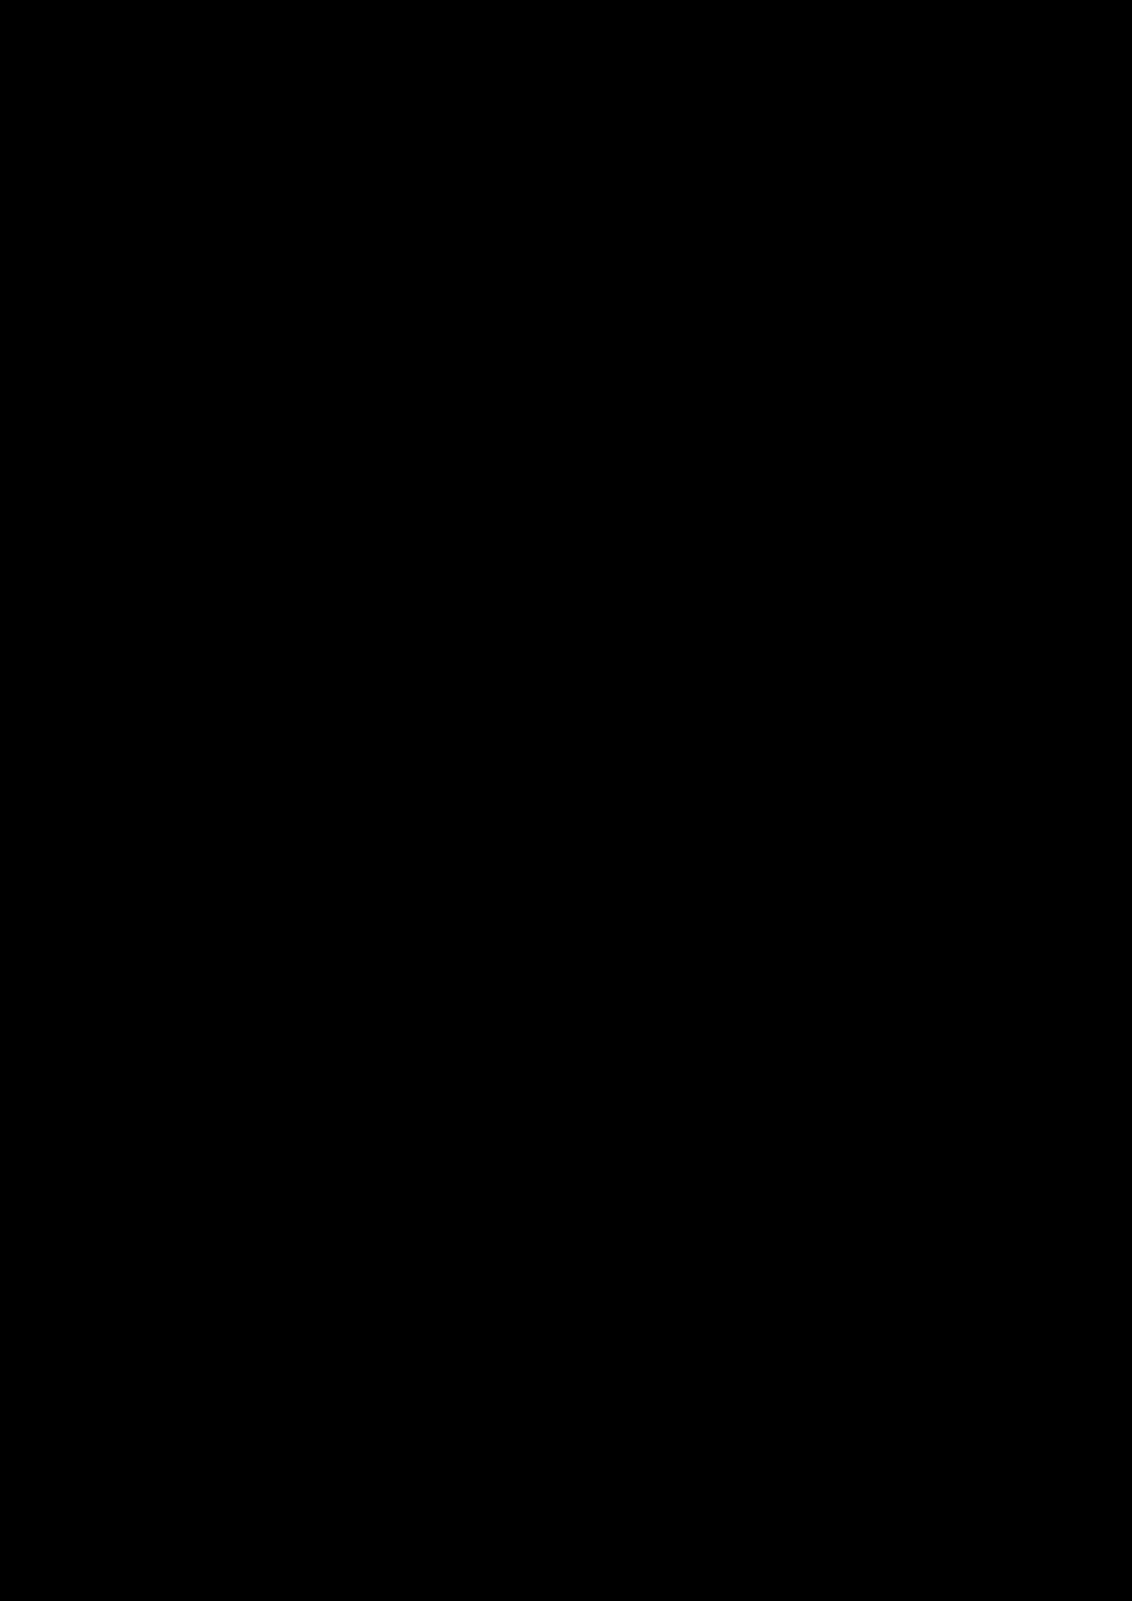 Zagadka volshebnoy stranyi slide, Image 104